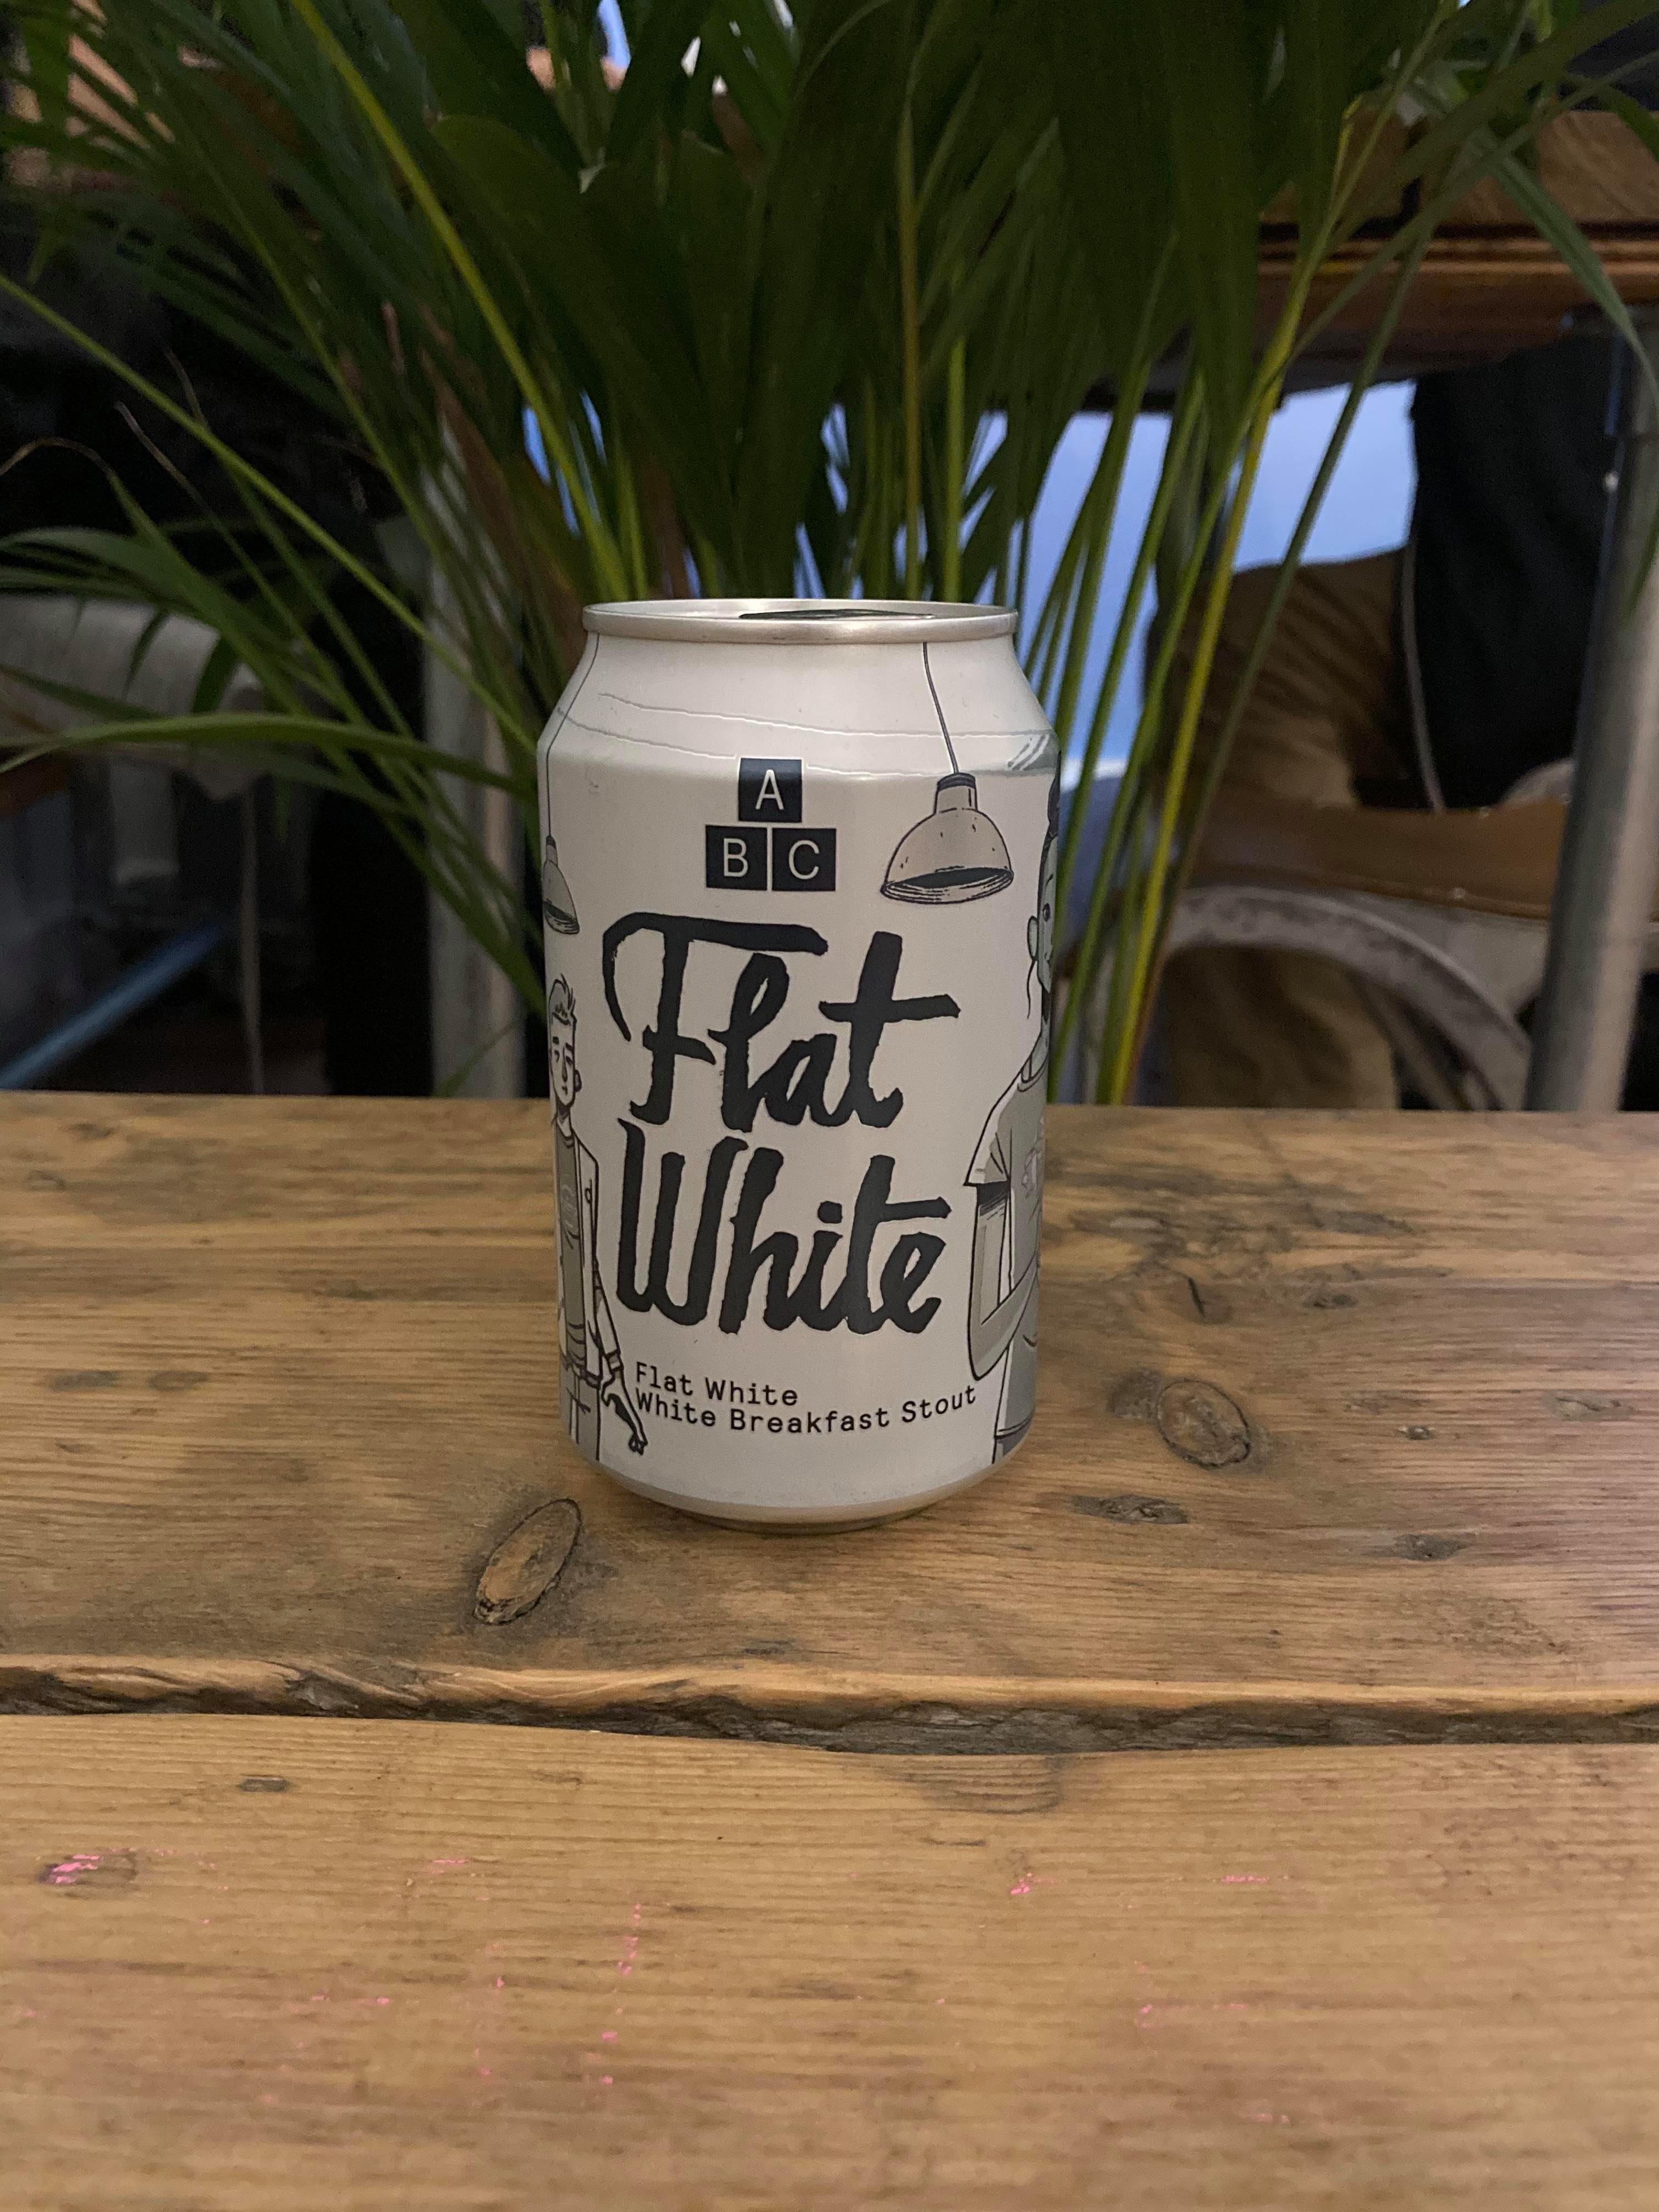 ABC - Flat White 7.4%